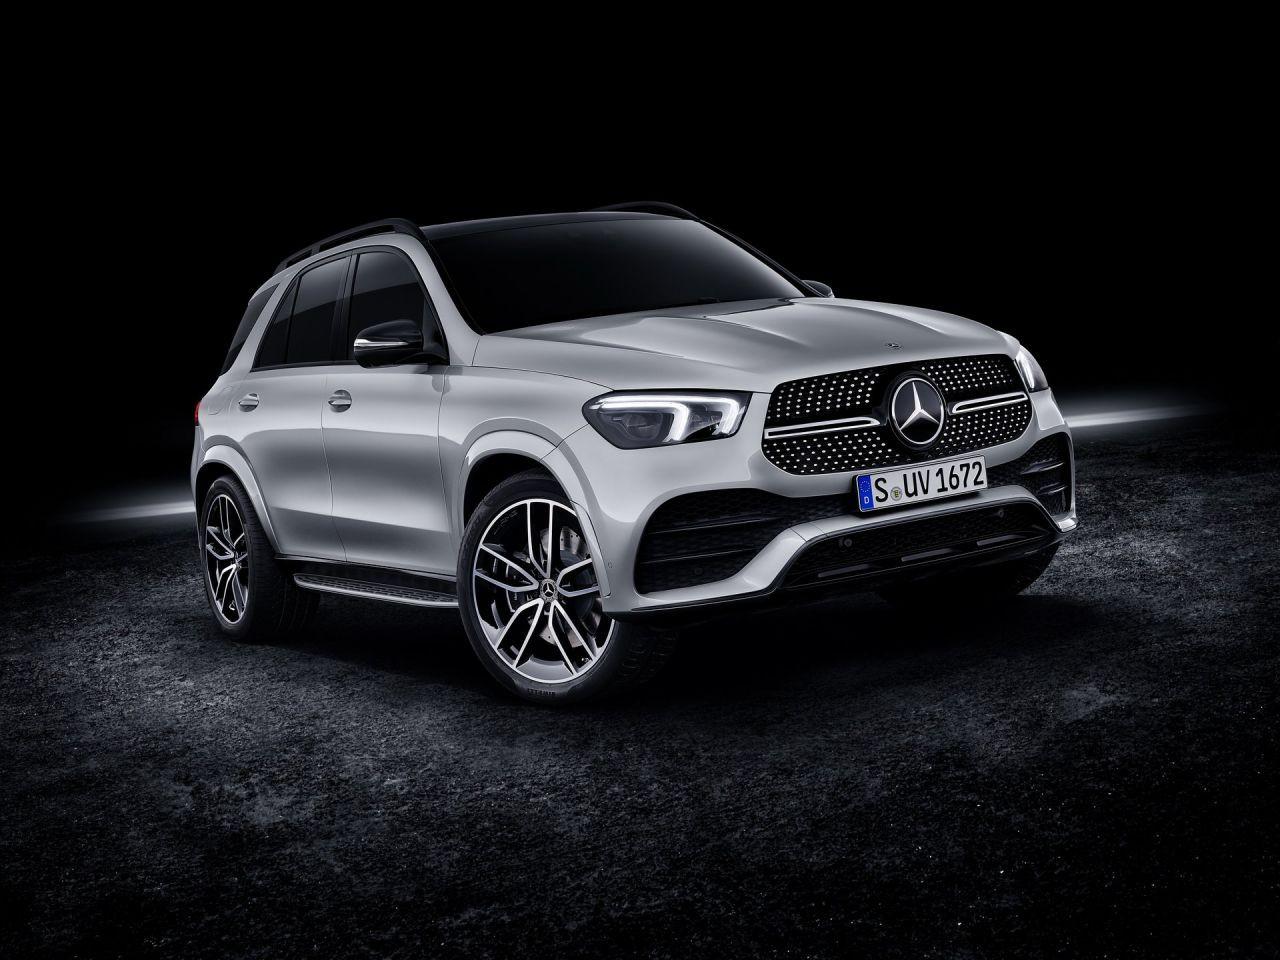 Hibrit ve V8 buluşması; 2020 Mercedes-Benz GLE 580 - Page 1